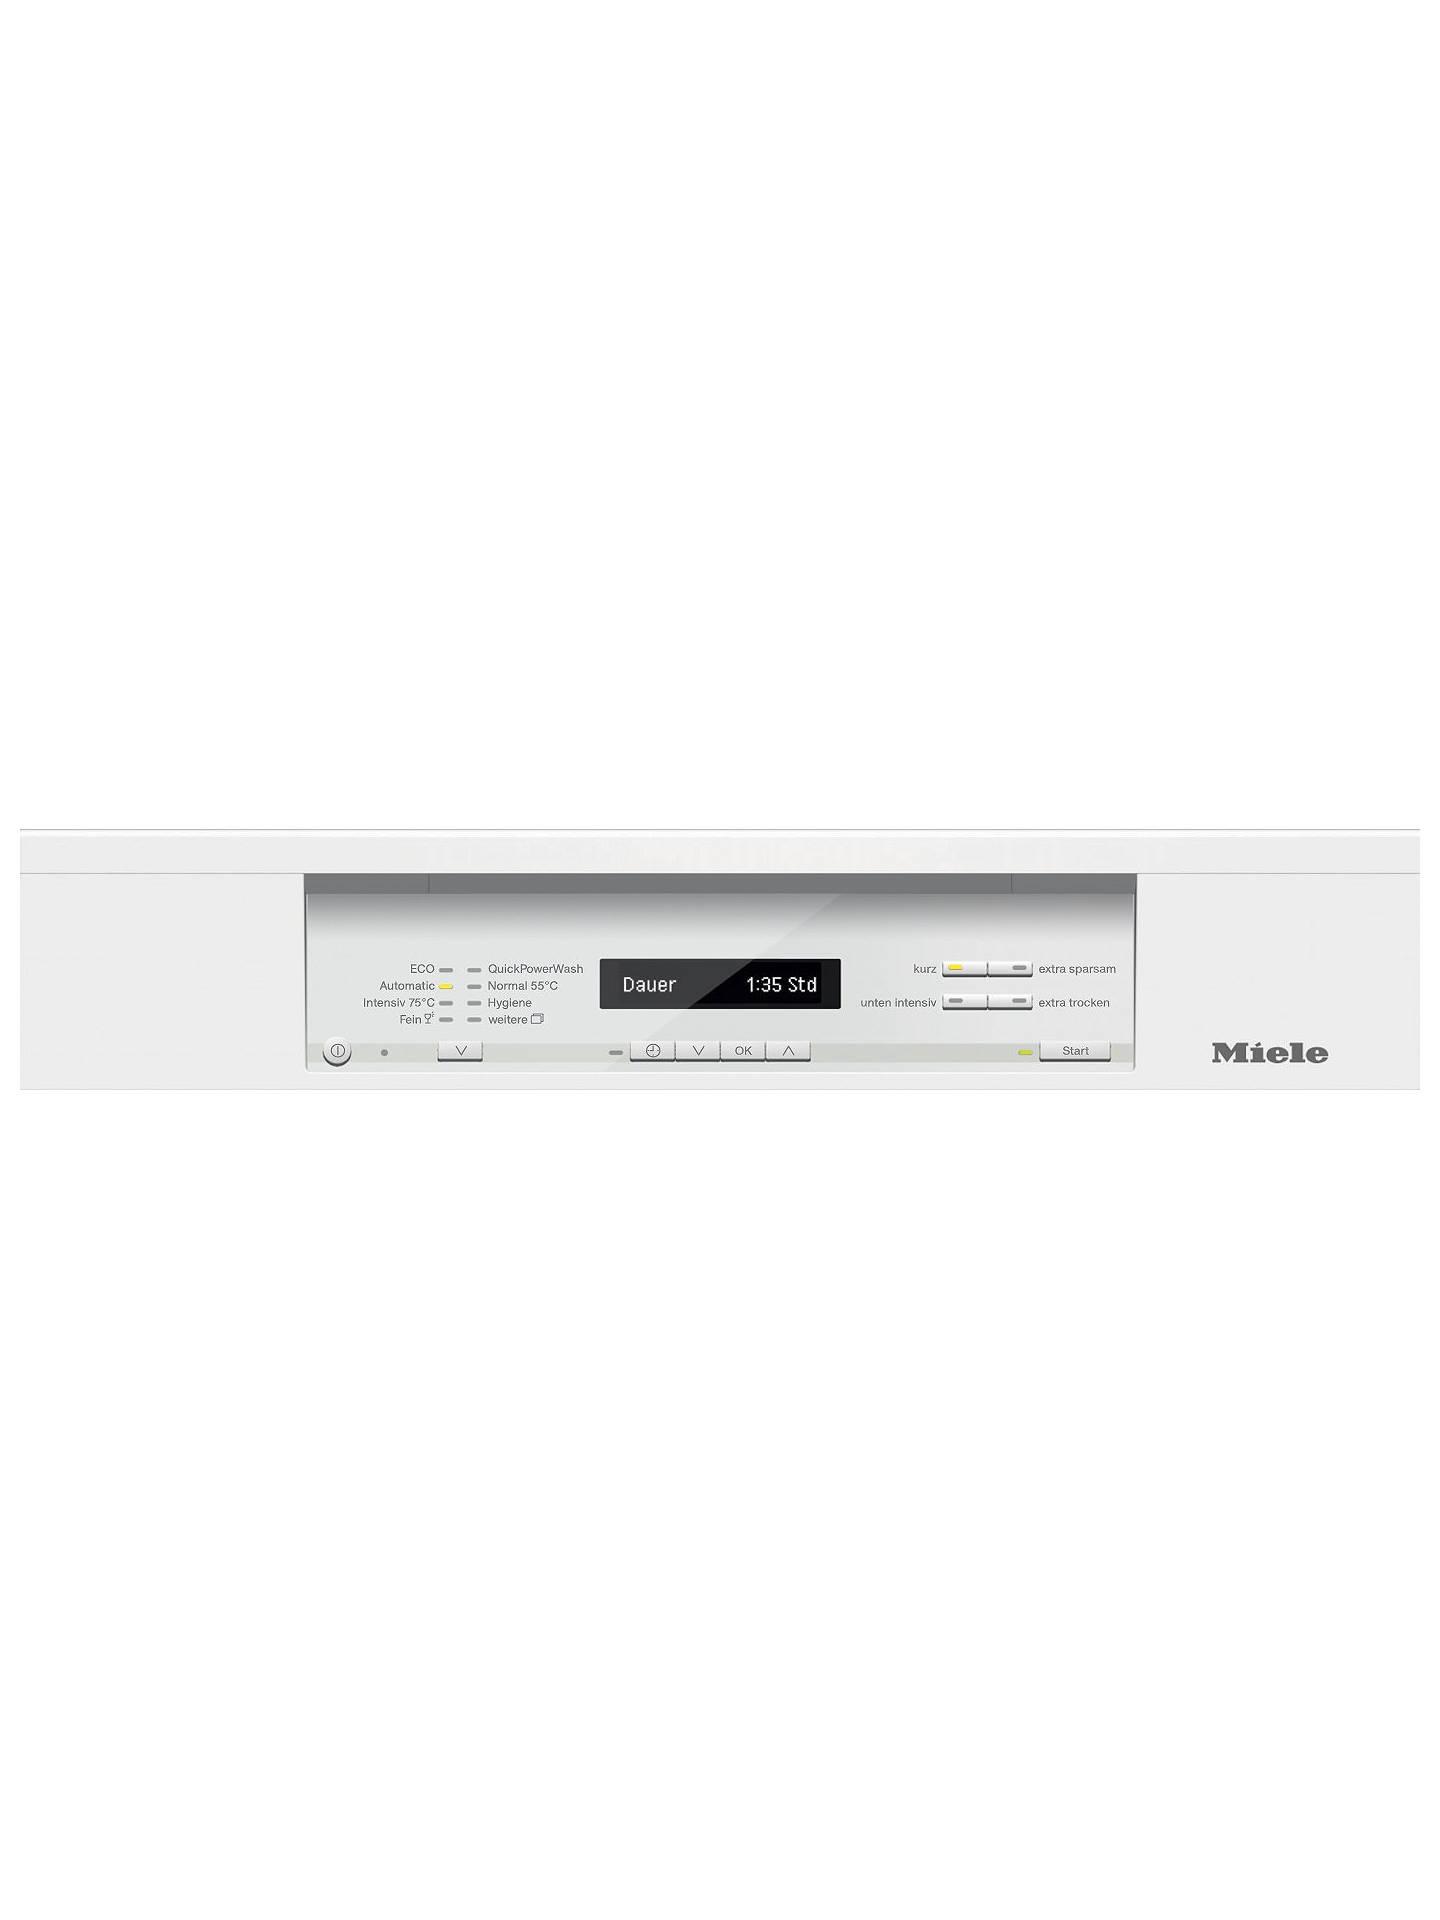 Miele G6820 SC Freestanding Dishwasher, White at John Lewis